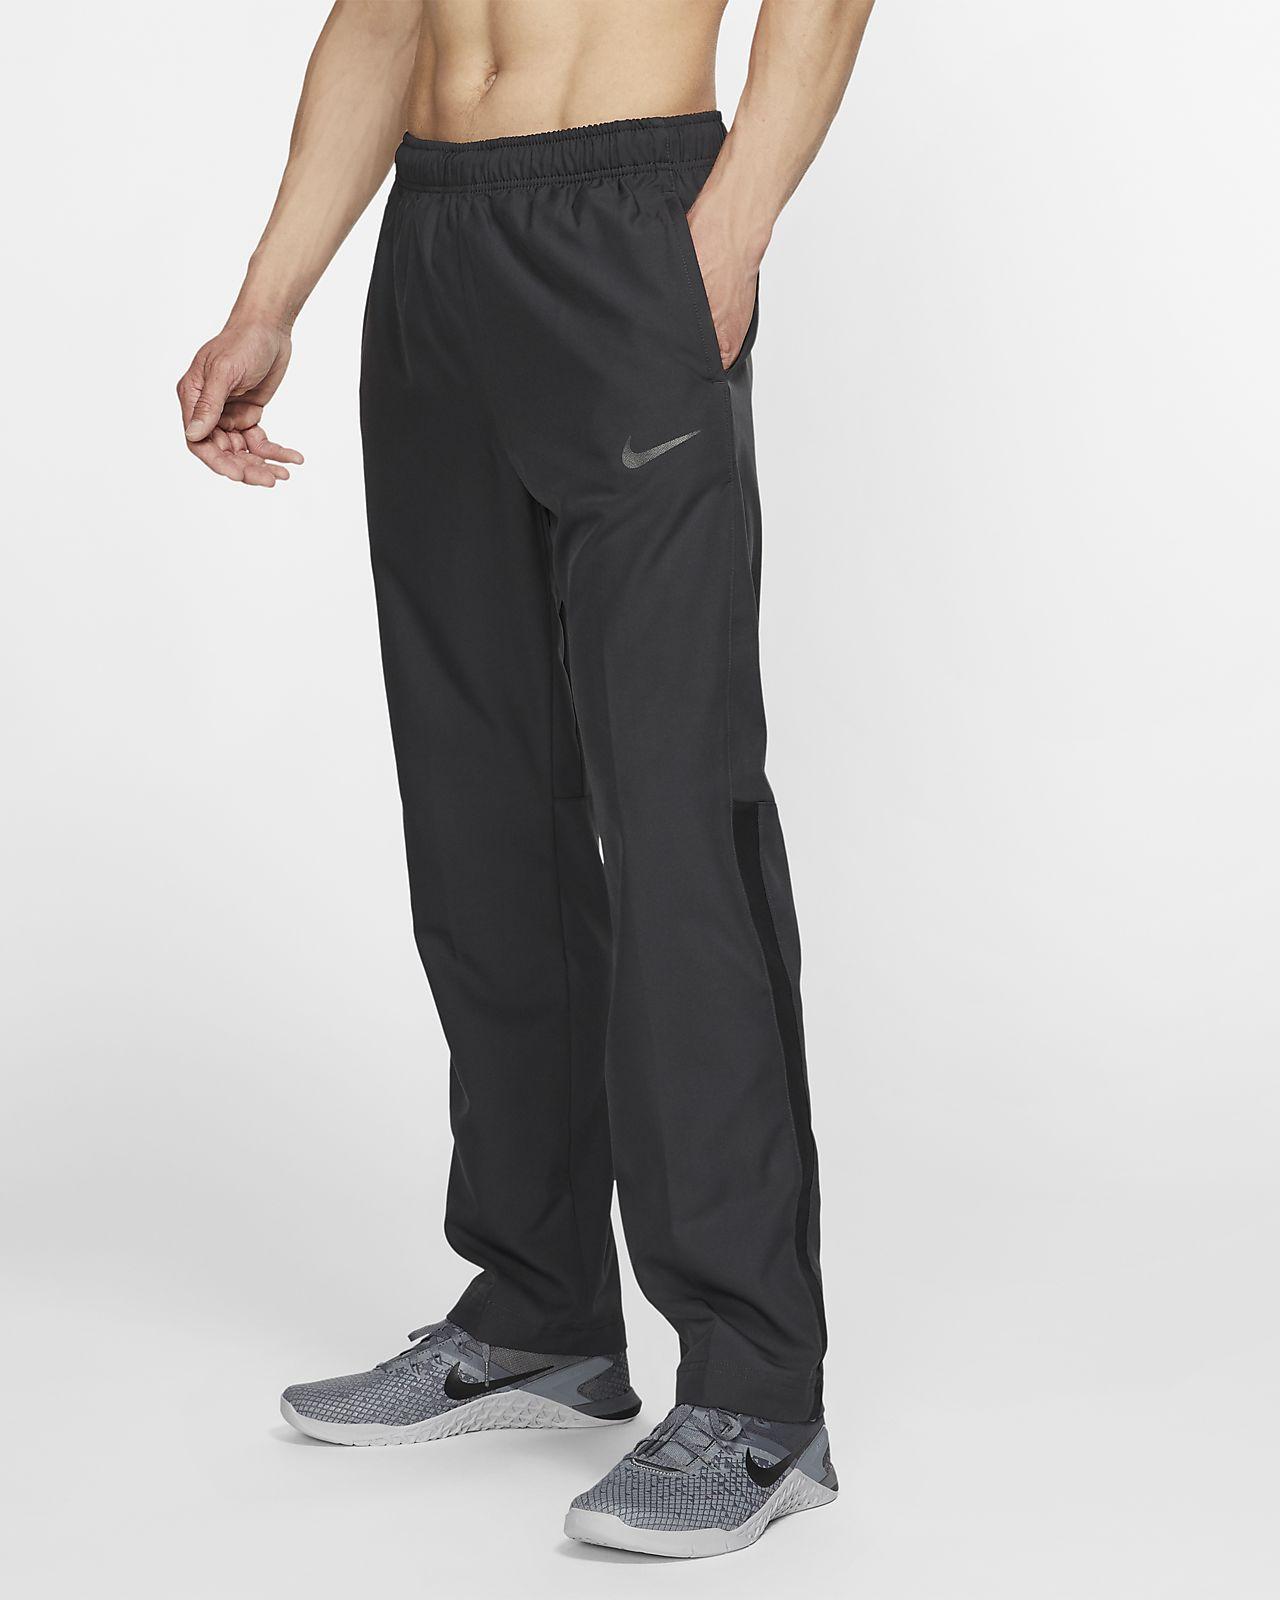 Nike Dri-FIT vevd treningsbukse til herre